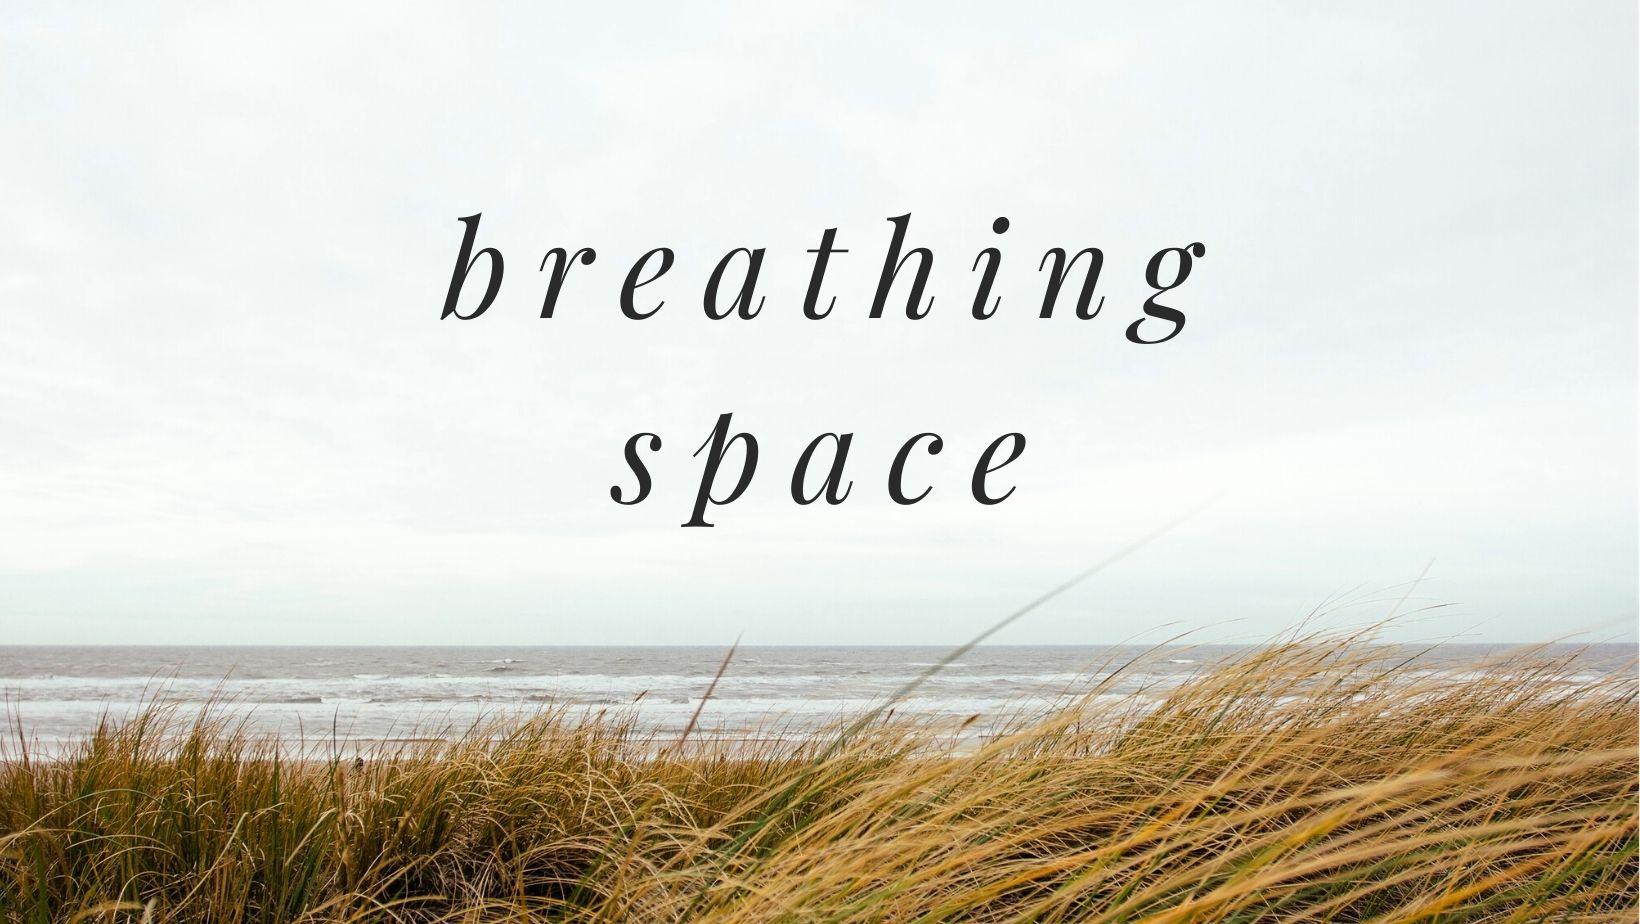 breathing space